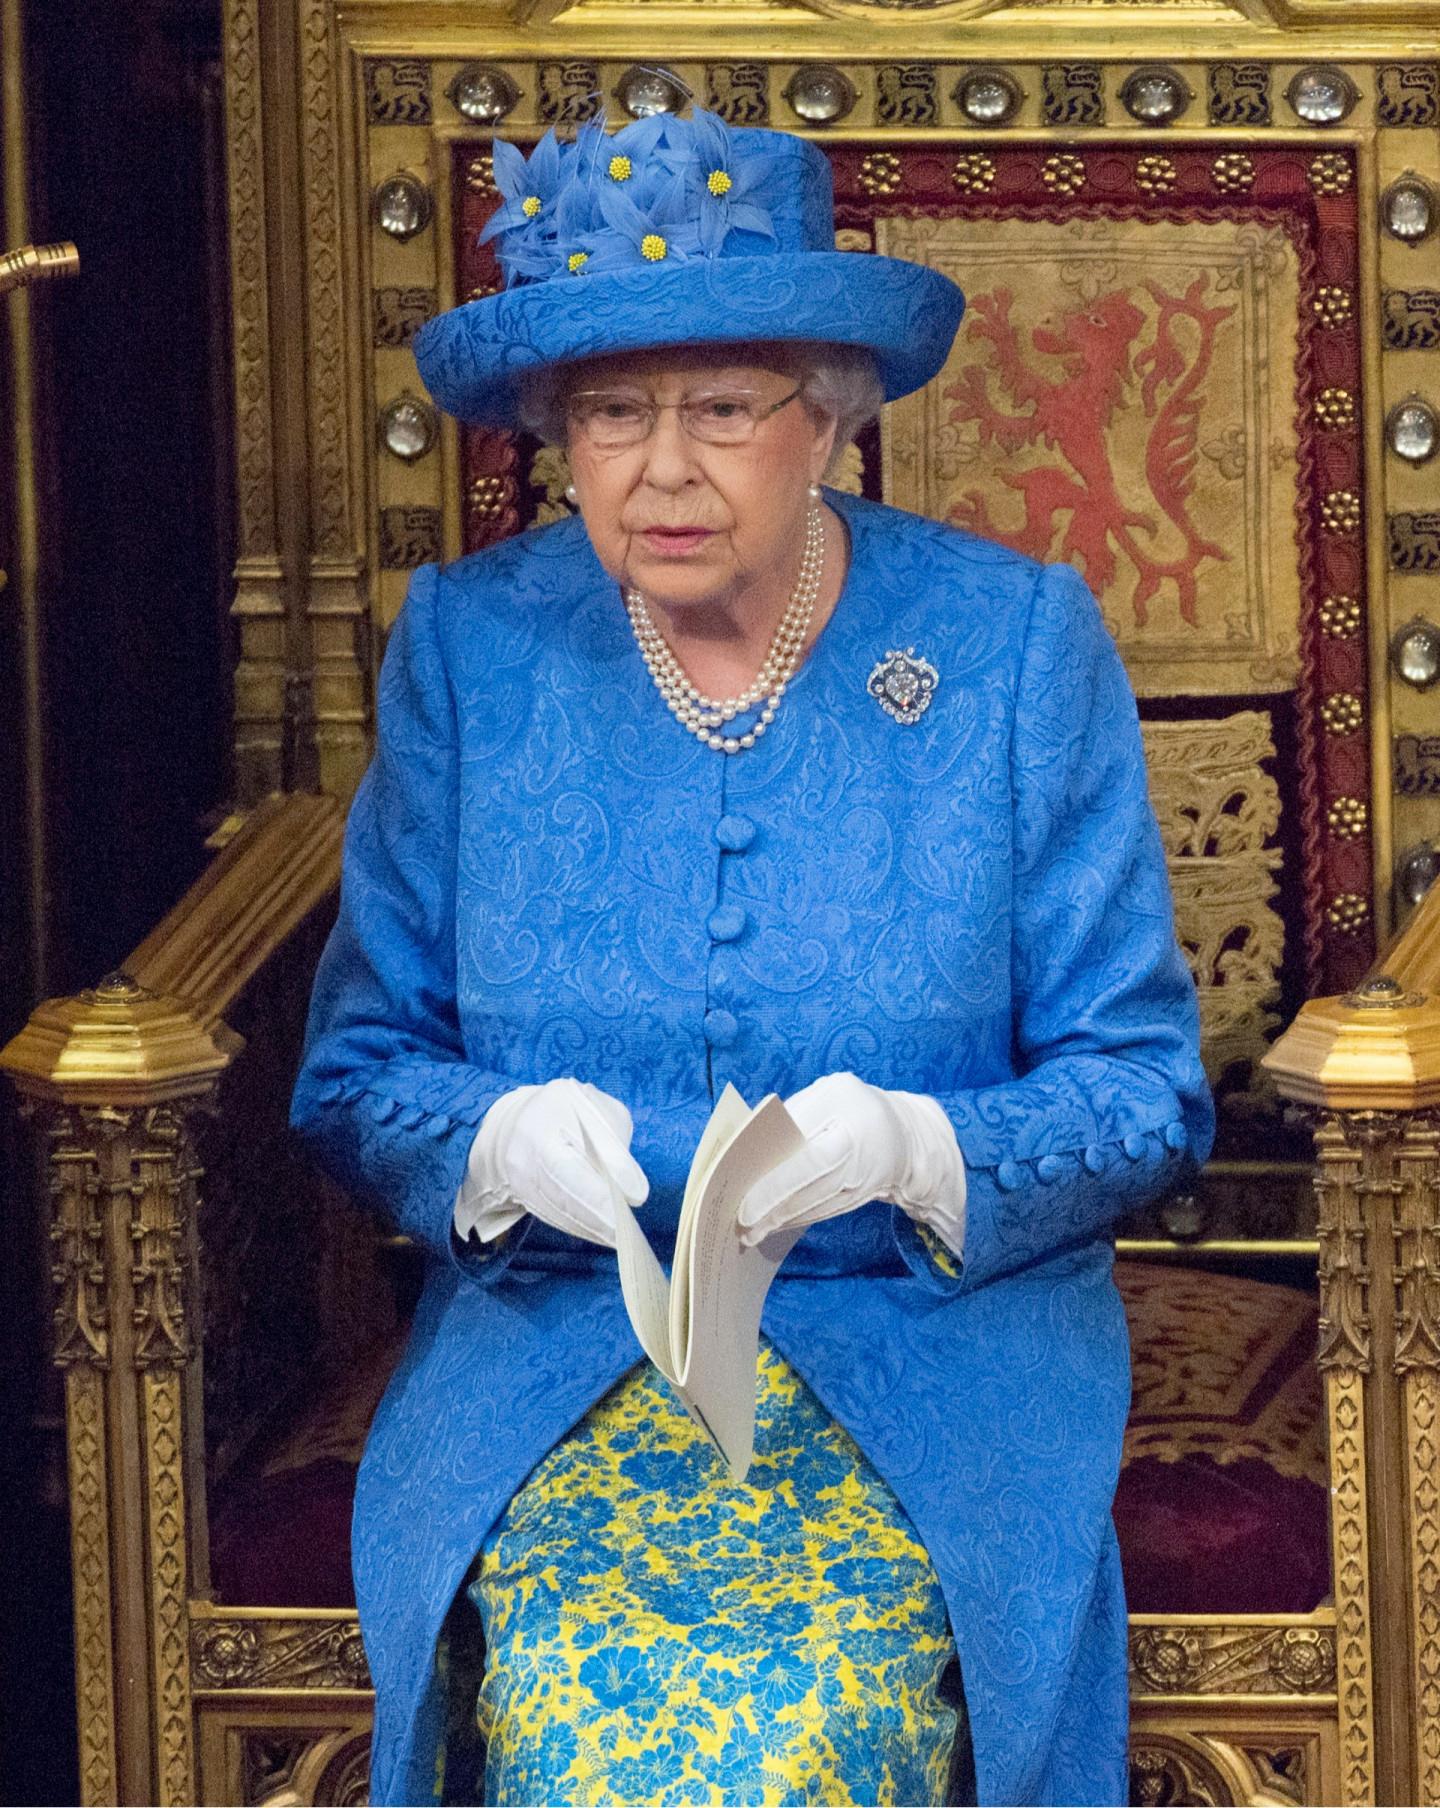 Королева Елизавета II в шляпке, напоминающей флаг ЕС, на открытии сессии Парламента, 2017